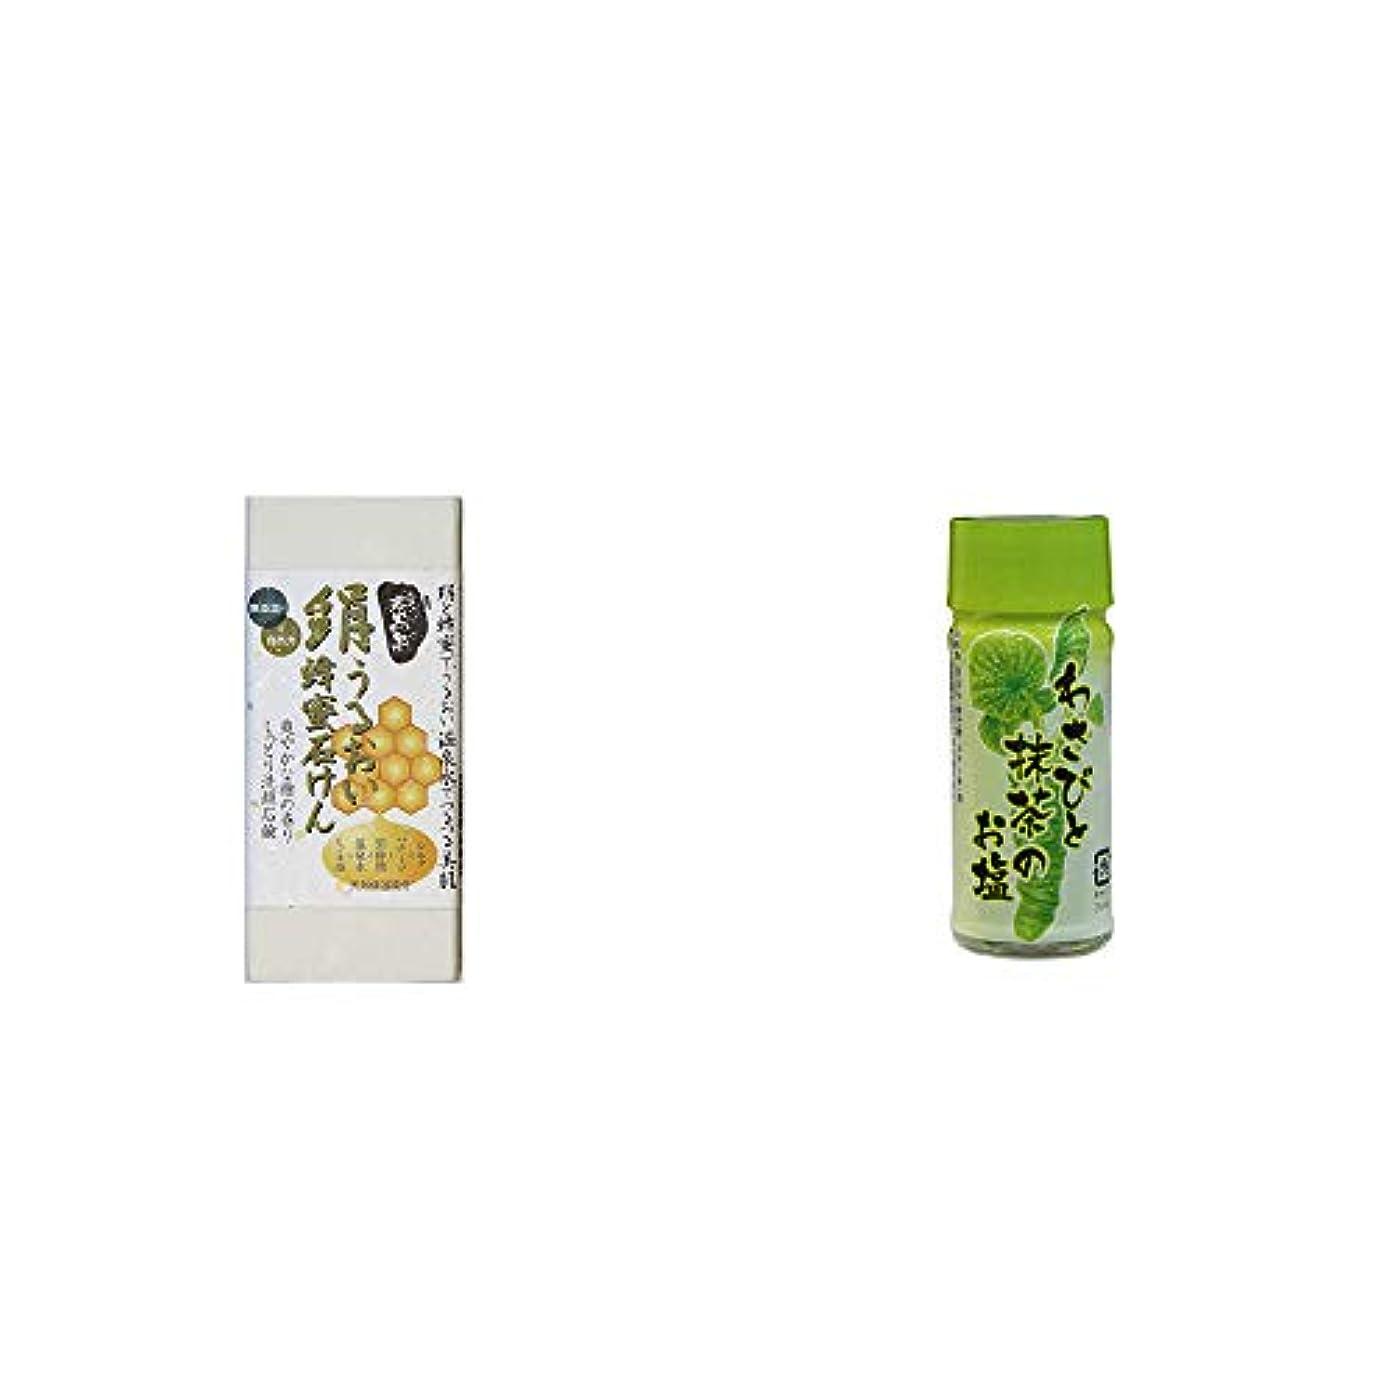 限りガイドベアリングサークル[2点セット] ひのき炭黒泉 絹うるおい蜂蜜石けん(75g×2)?わさびと抹茶のお塩(30g)